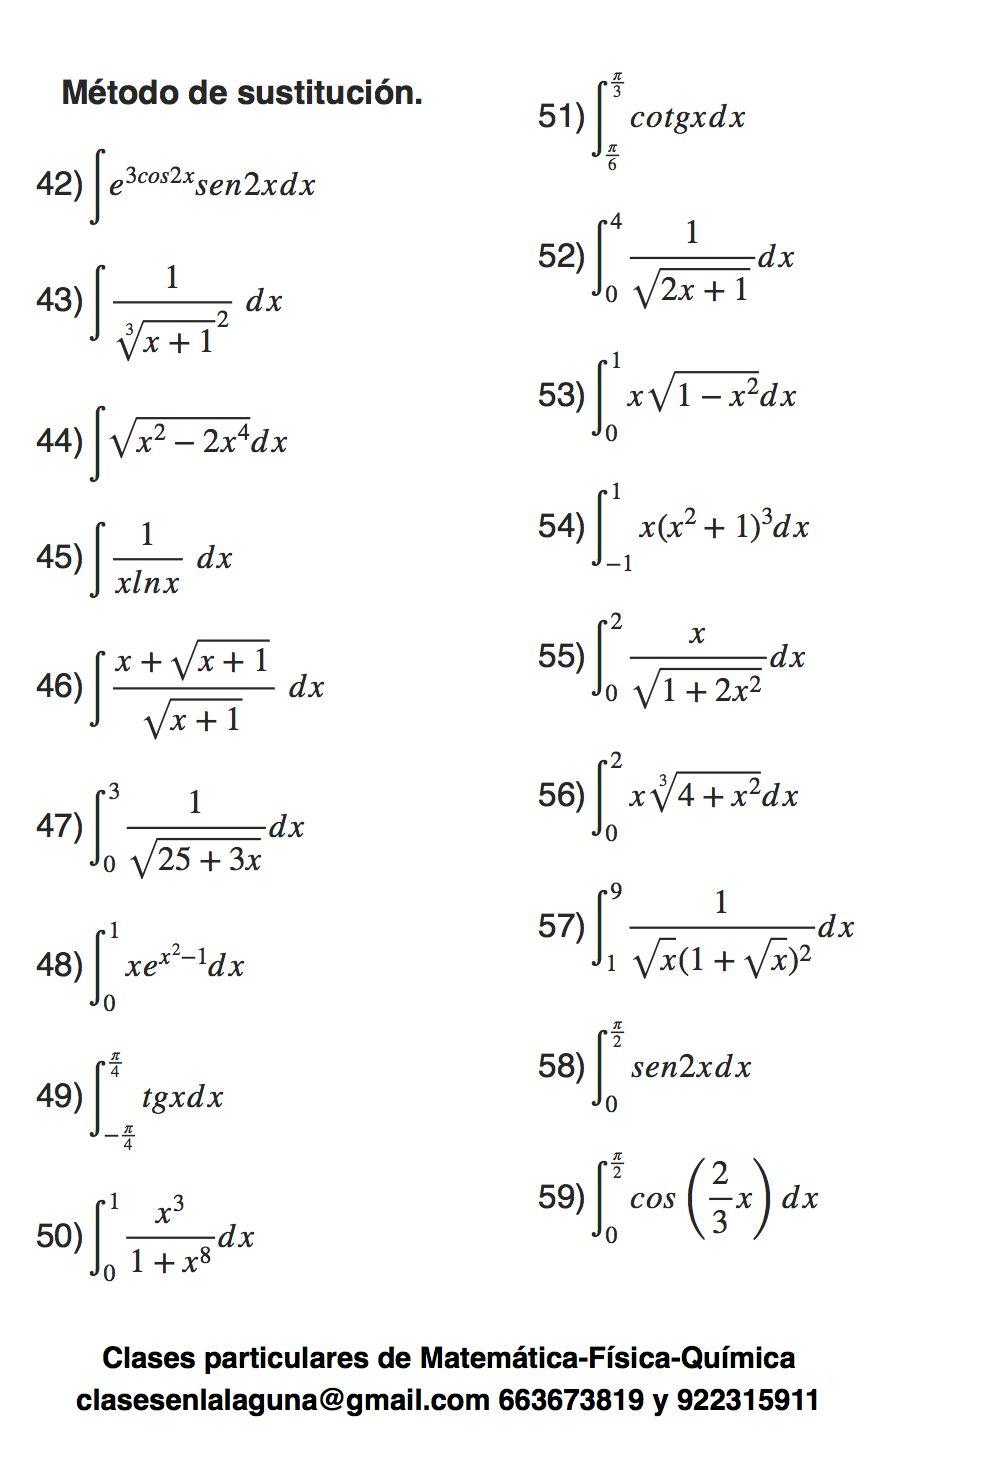 Ejercicios Propuestos De Integrales Método De Sustitución O Cambio De Variable Parte 3 Studying Math Algebraic Expressions Physics Books